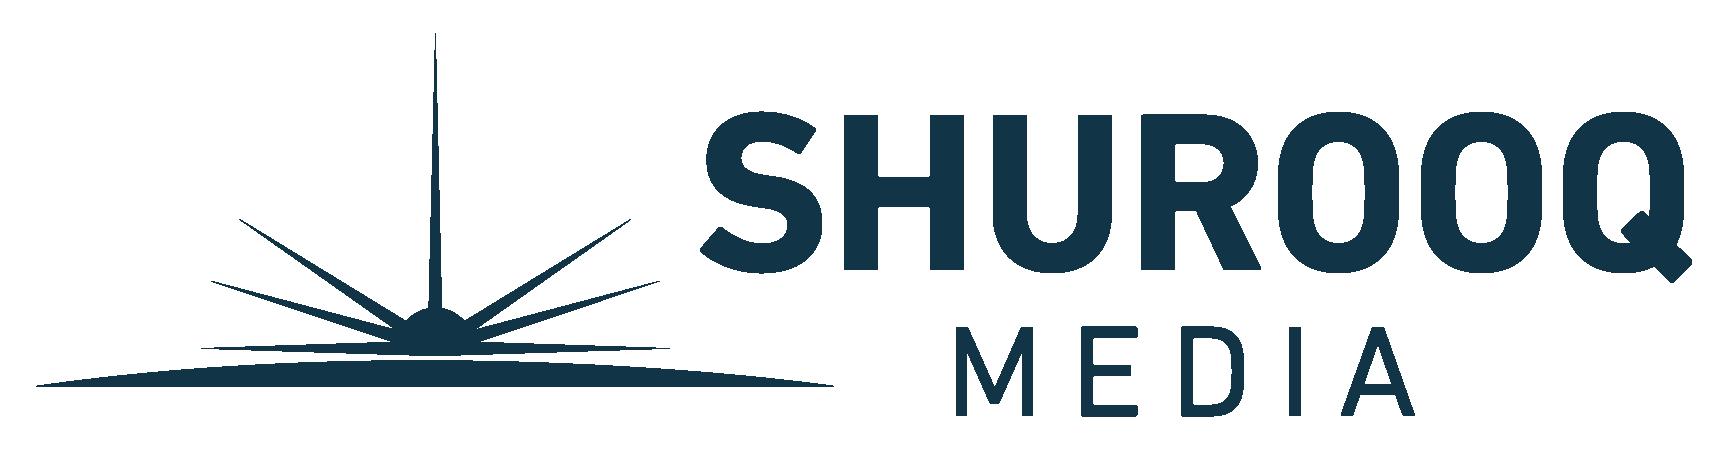 Shurook media logo dark